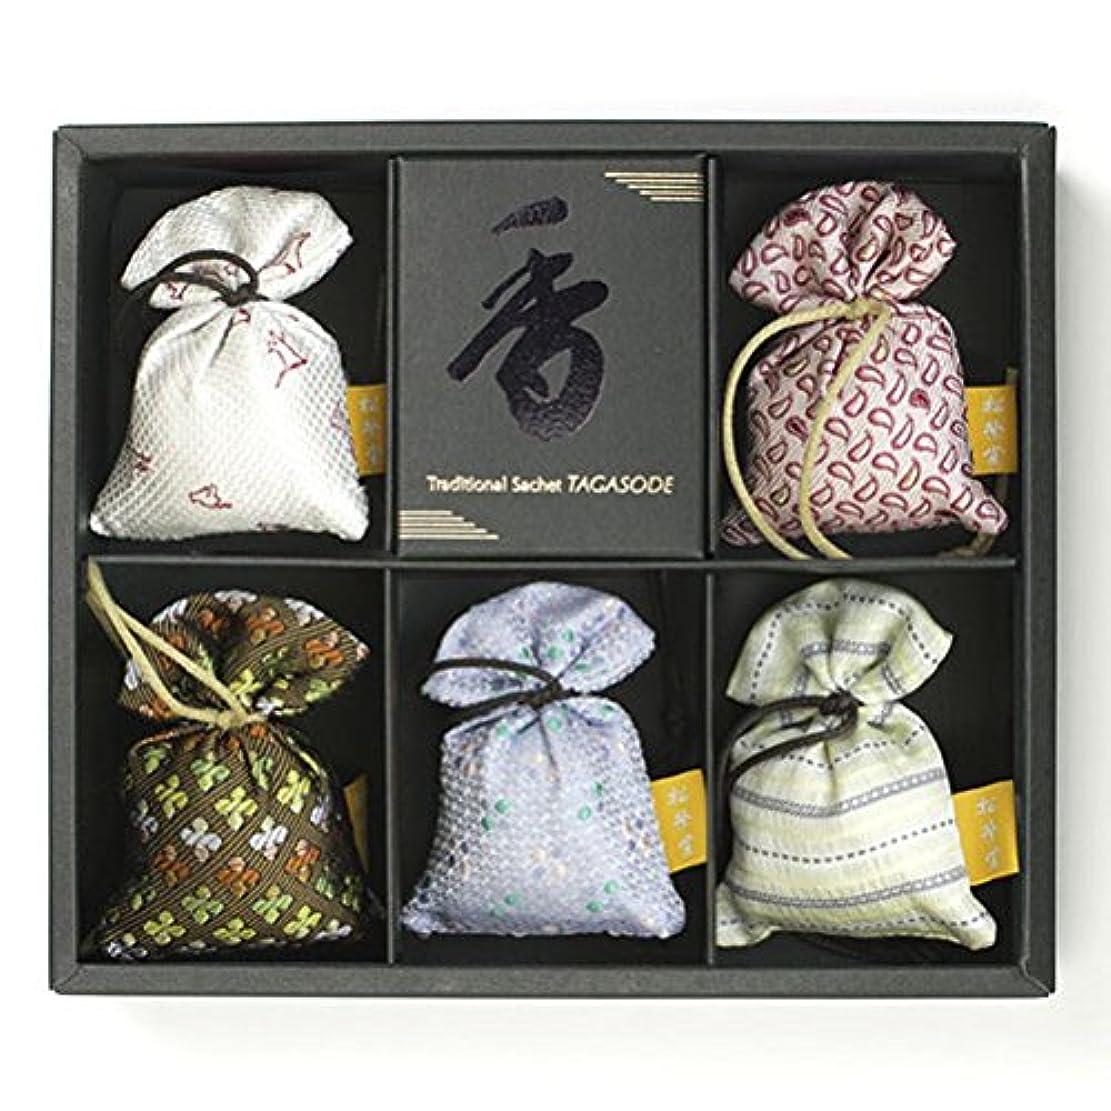 おんどりおばあさん食事匂い袋 誰が袖 薫 かおる 5個入 松栄堂 Shoyeido 本体長さ60mm